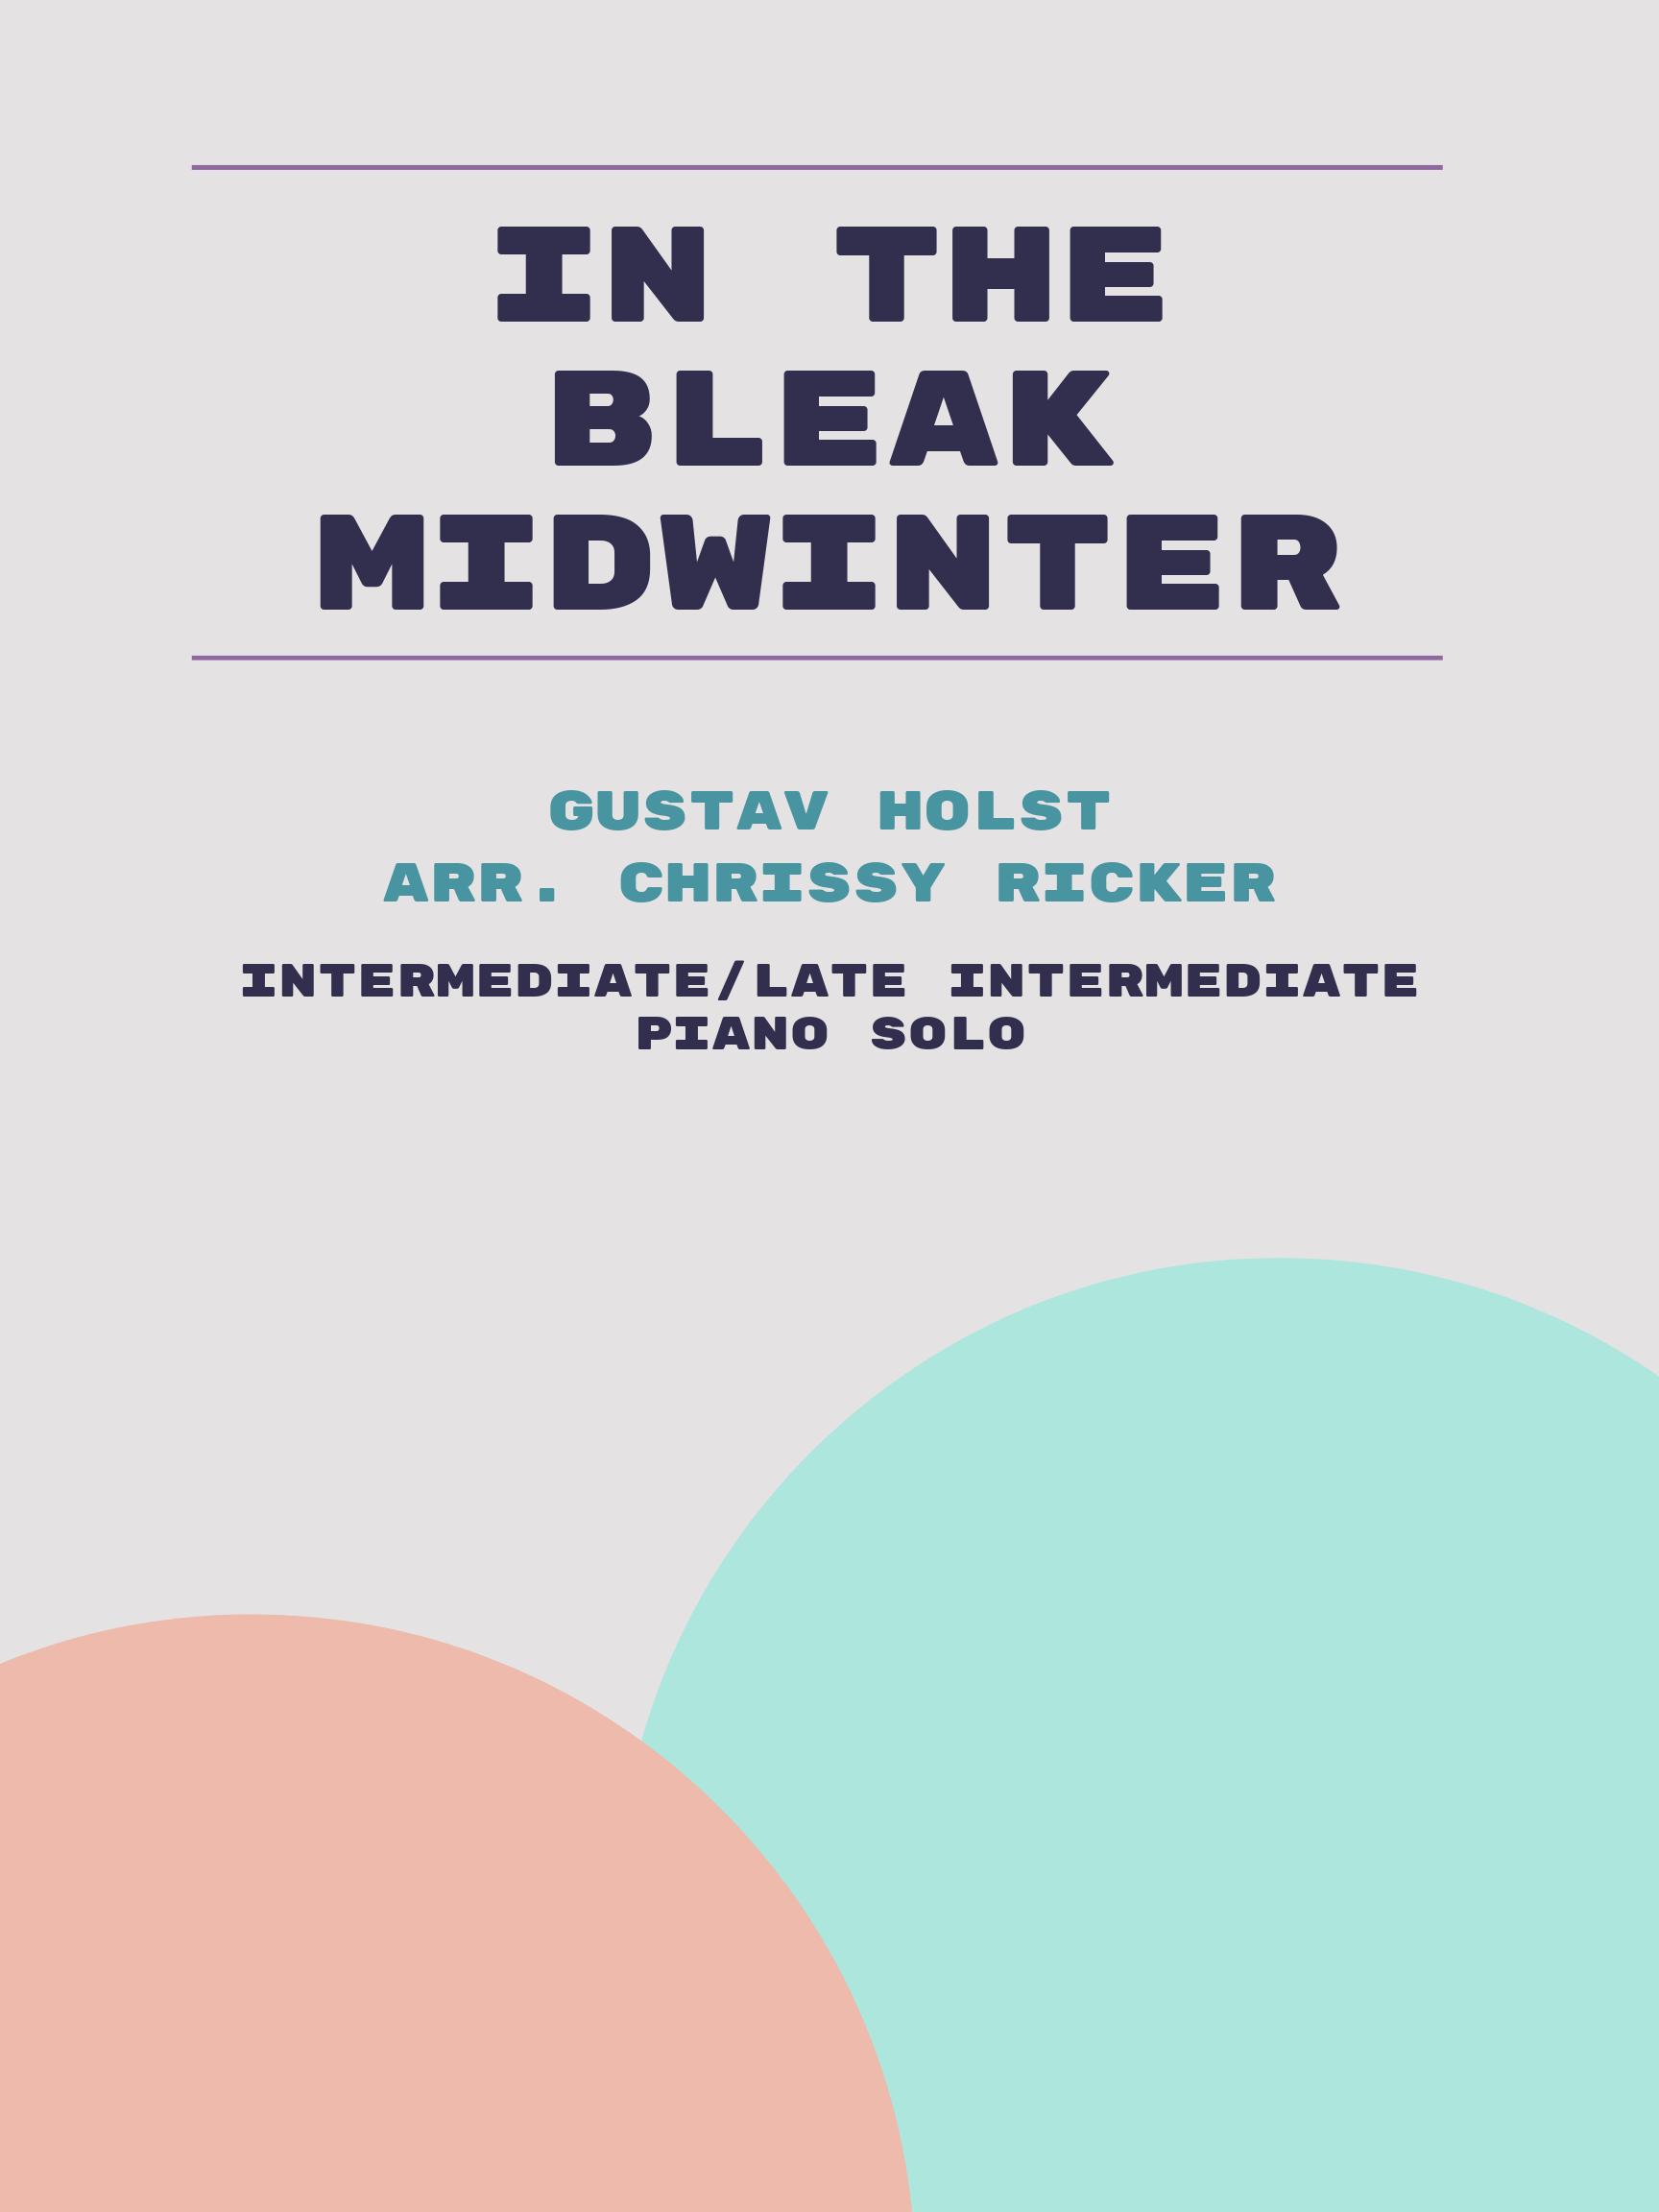 In the Bleak Midwinter by Gustav Holst